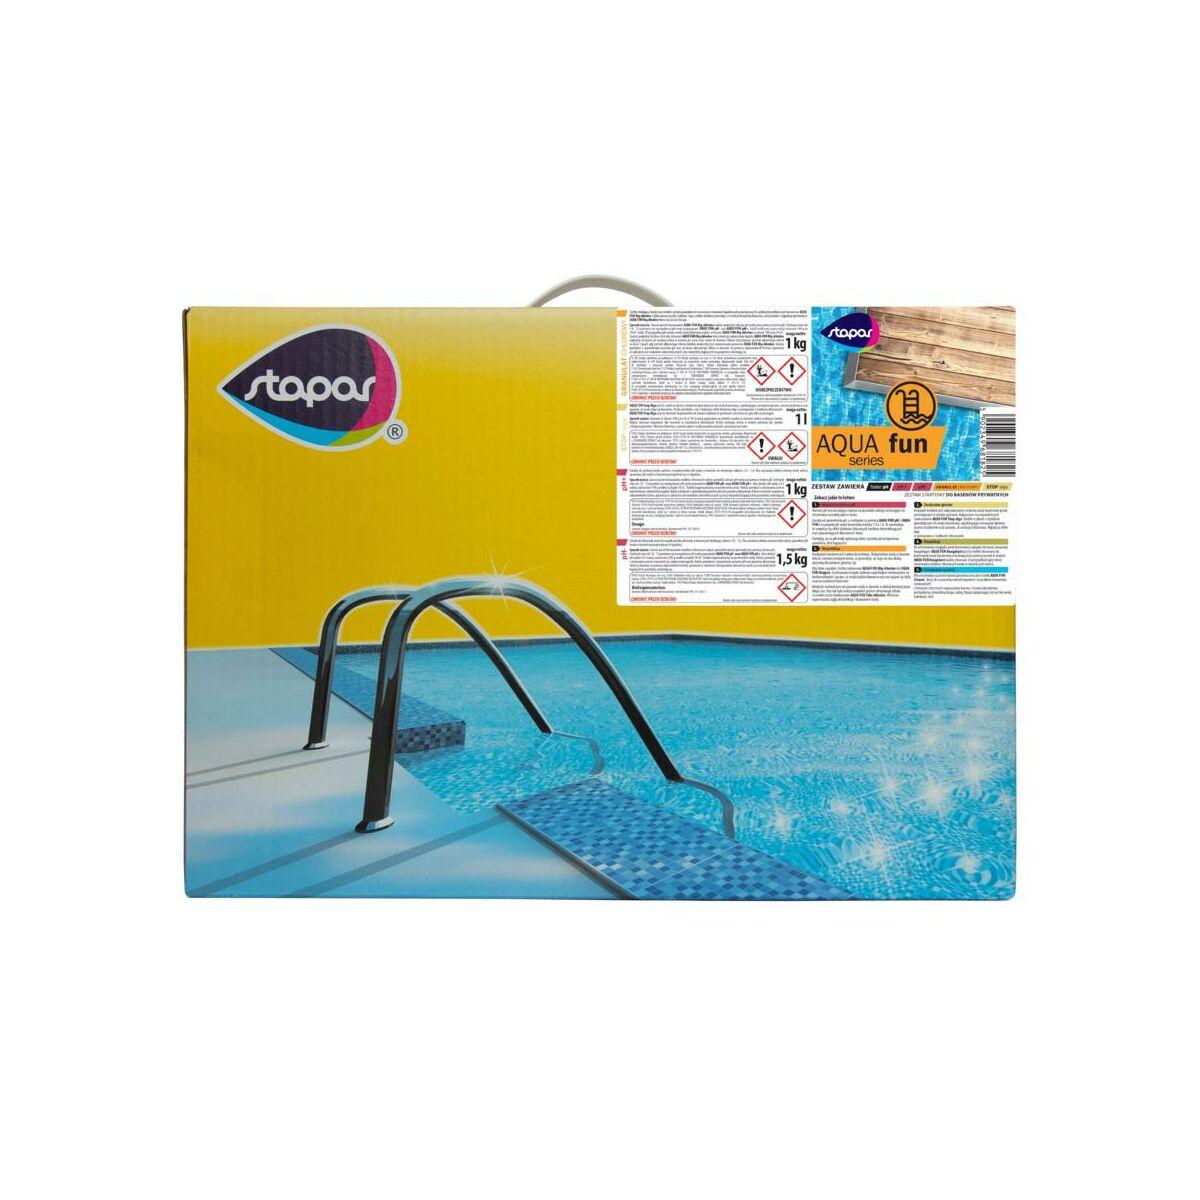 Dozownik Do Chemii Basenowej Planet Pool Sr 12 Cm Urzadzenia Do Czyszczenia Basenow W Atrakcyjnej Cenie W Sklepach Leroy Merlin